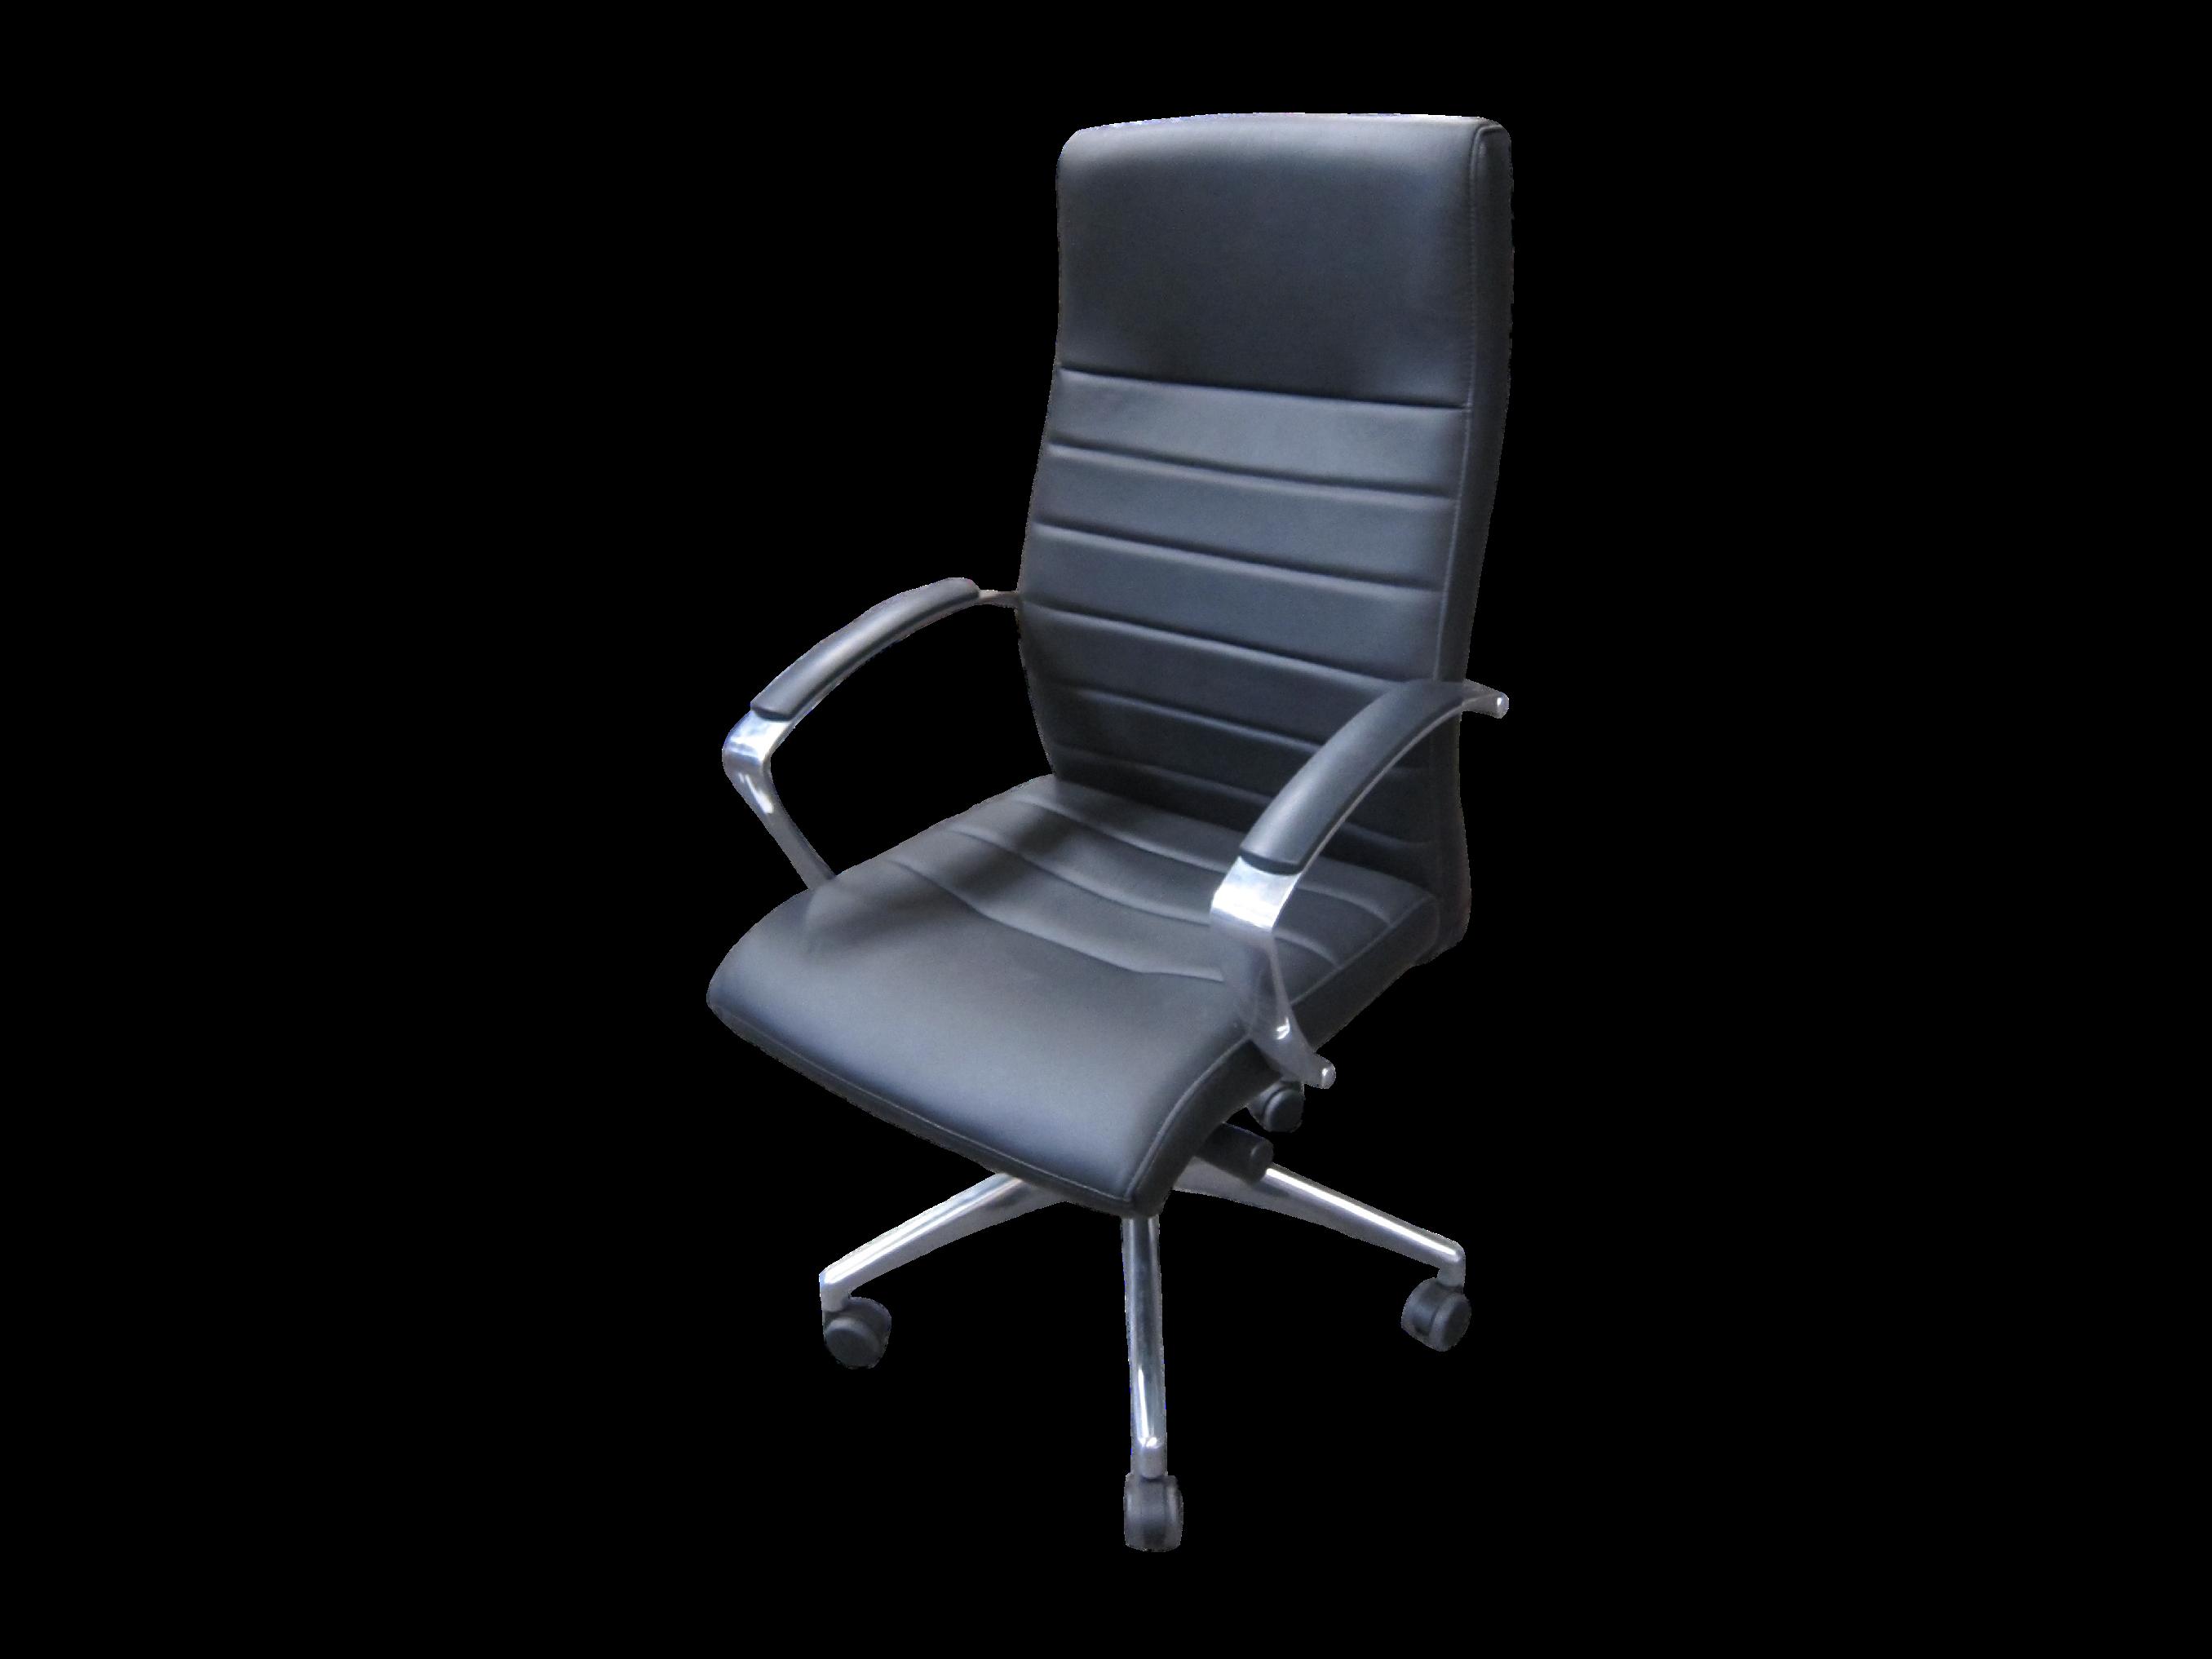 fauteuil de direction brevidex mod le d 39 exposition. Black Bedroom Furniture Sets. Home Design Ideas